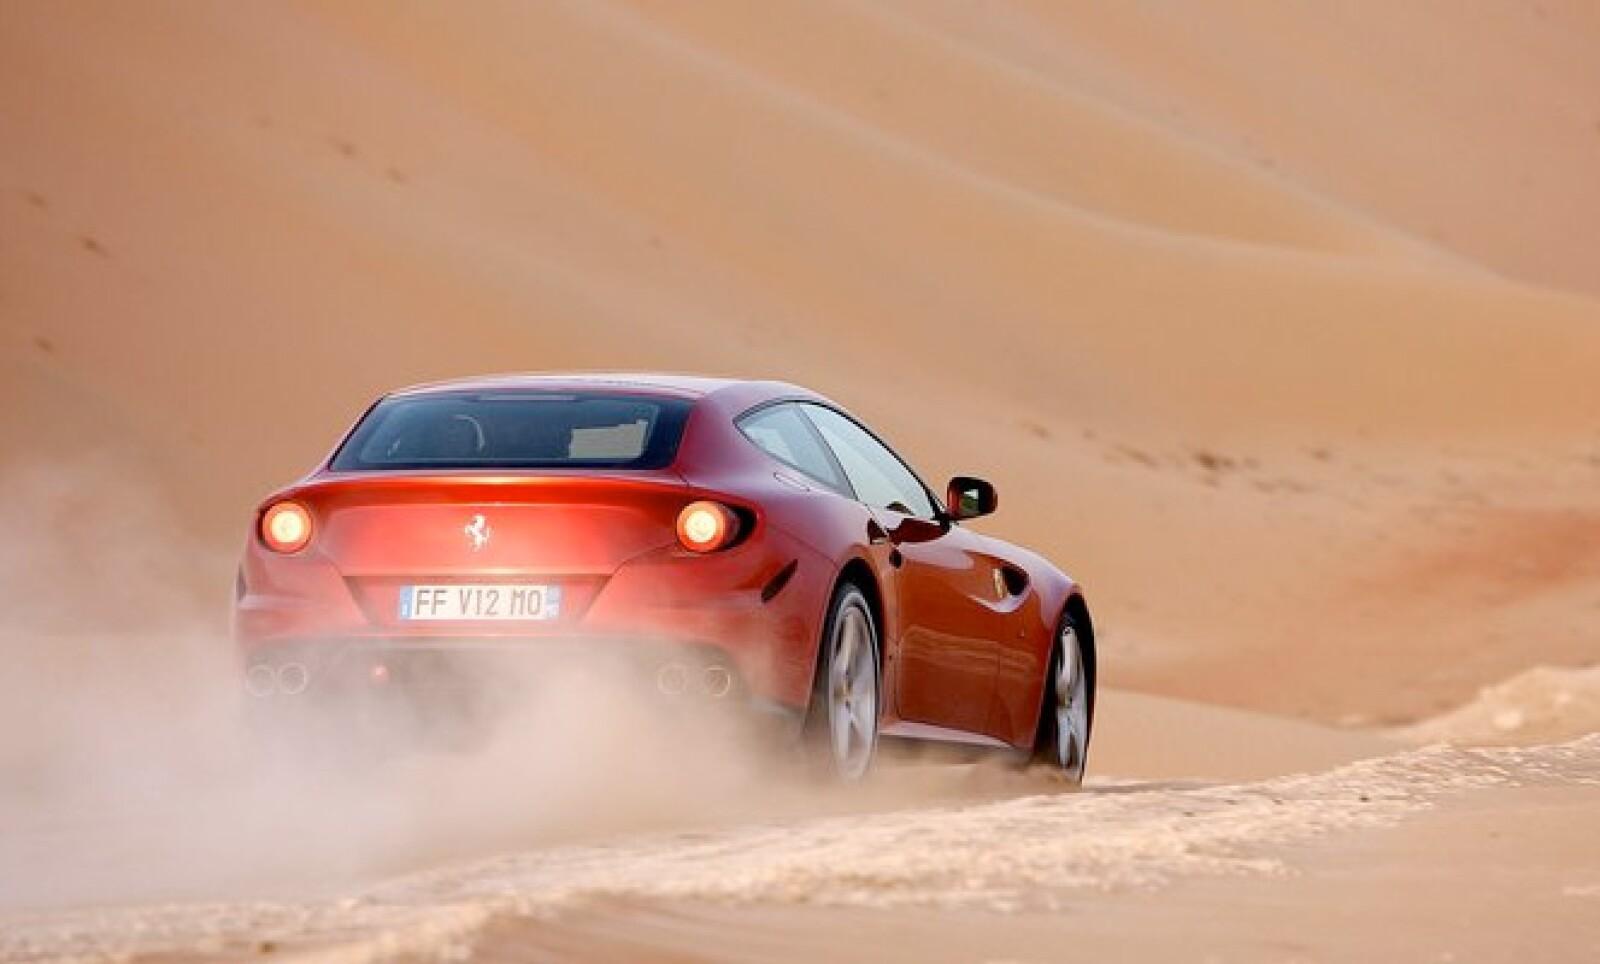 El vehículo está hecho con cerámica de carbón, lo que le permite ser ligero y mantener la línea aerodinámica.